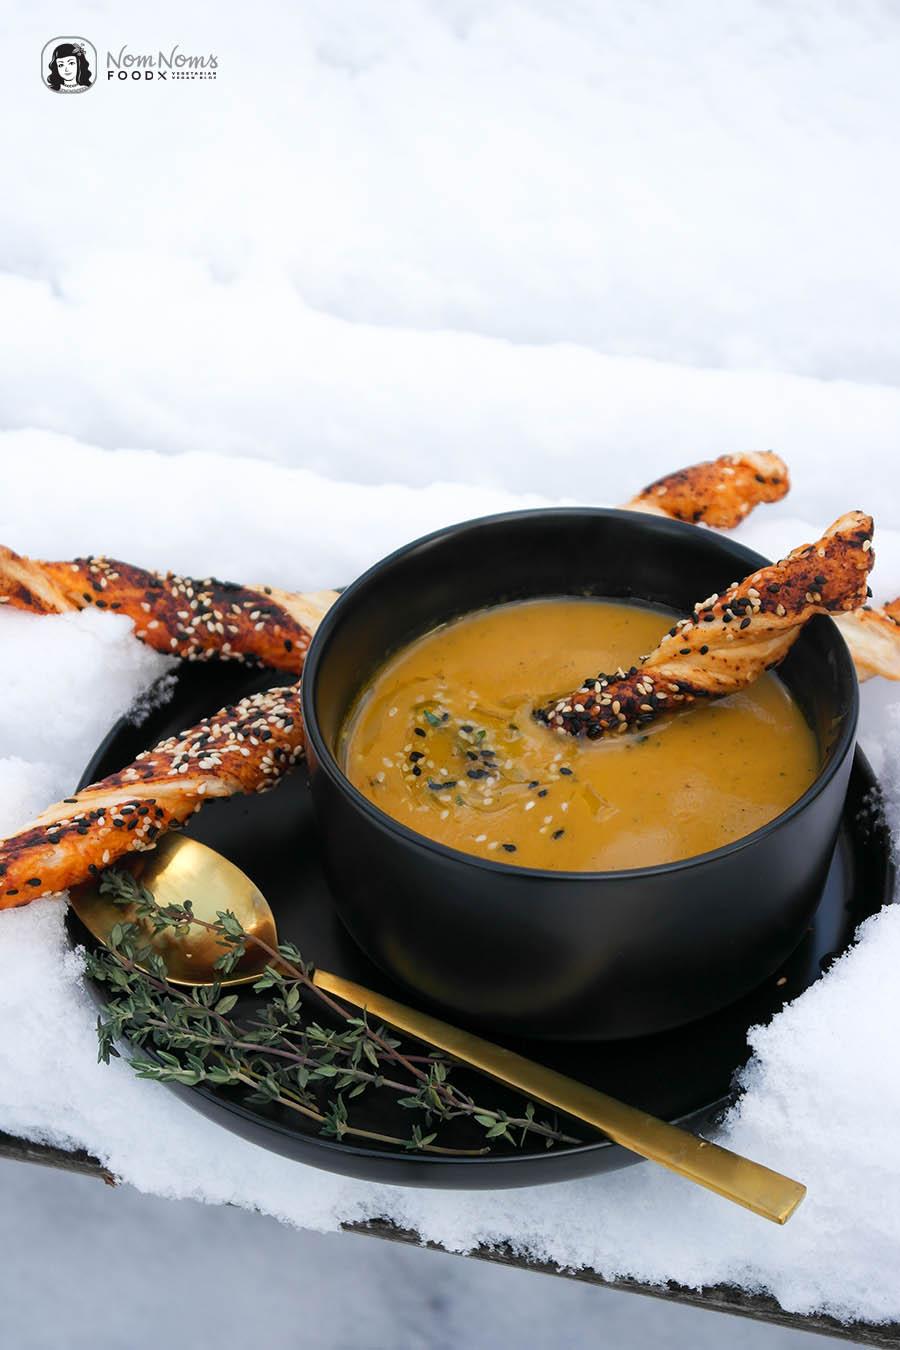 Cremige Süßkartoffel-Suppe mit Thymian und Blätterteig-Knusperstangen (vegan)